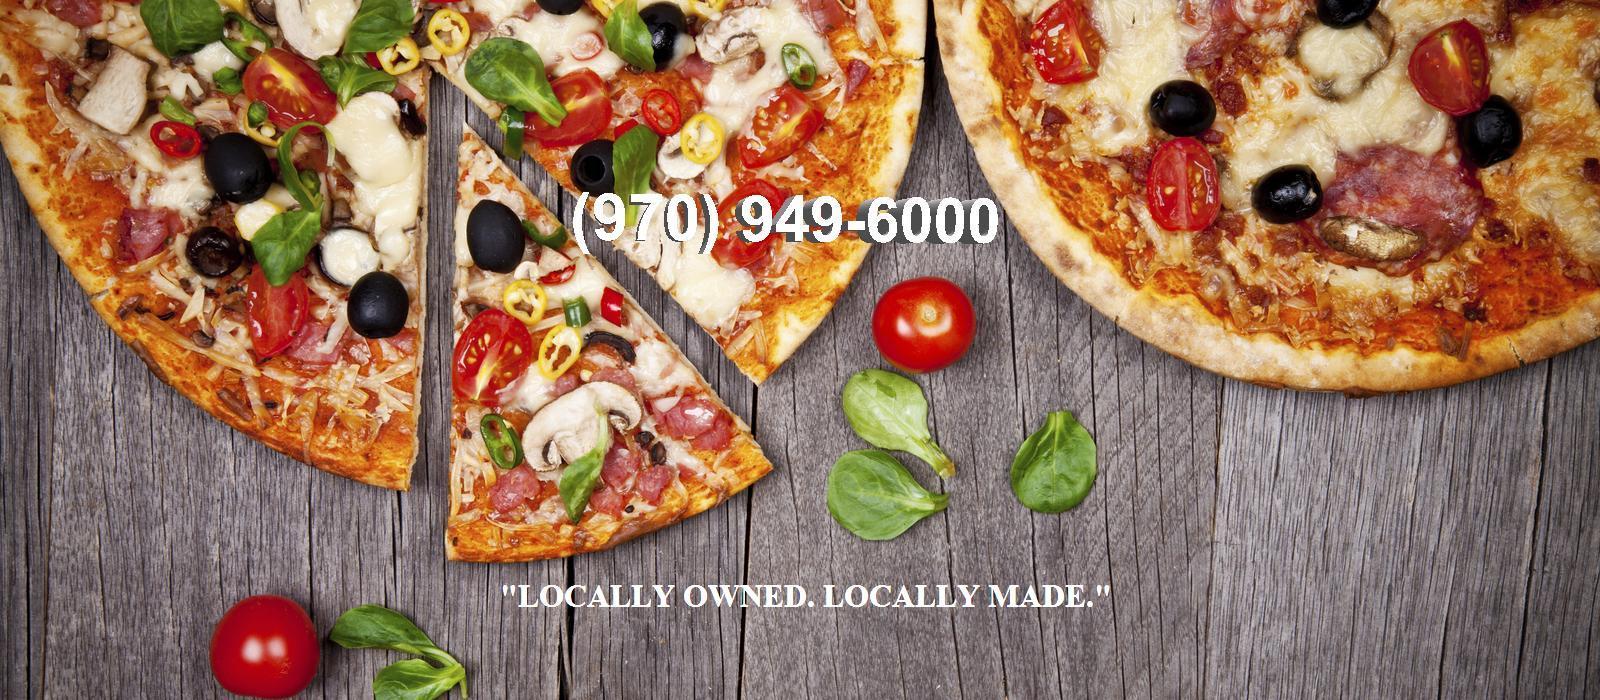 Vail - Pizza Servicio a domicilio por PIZZA ONE AVON